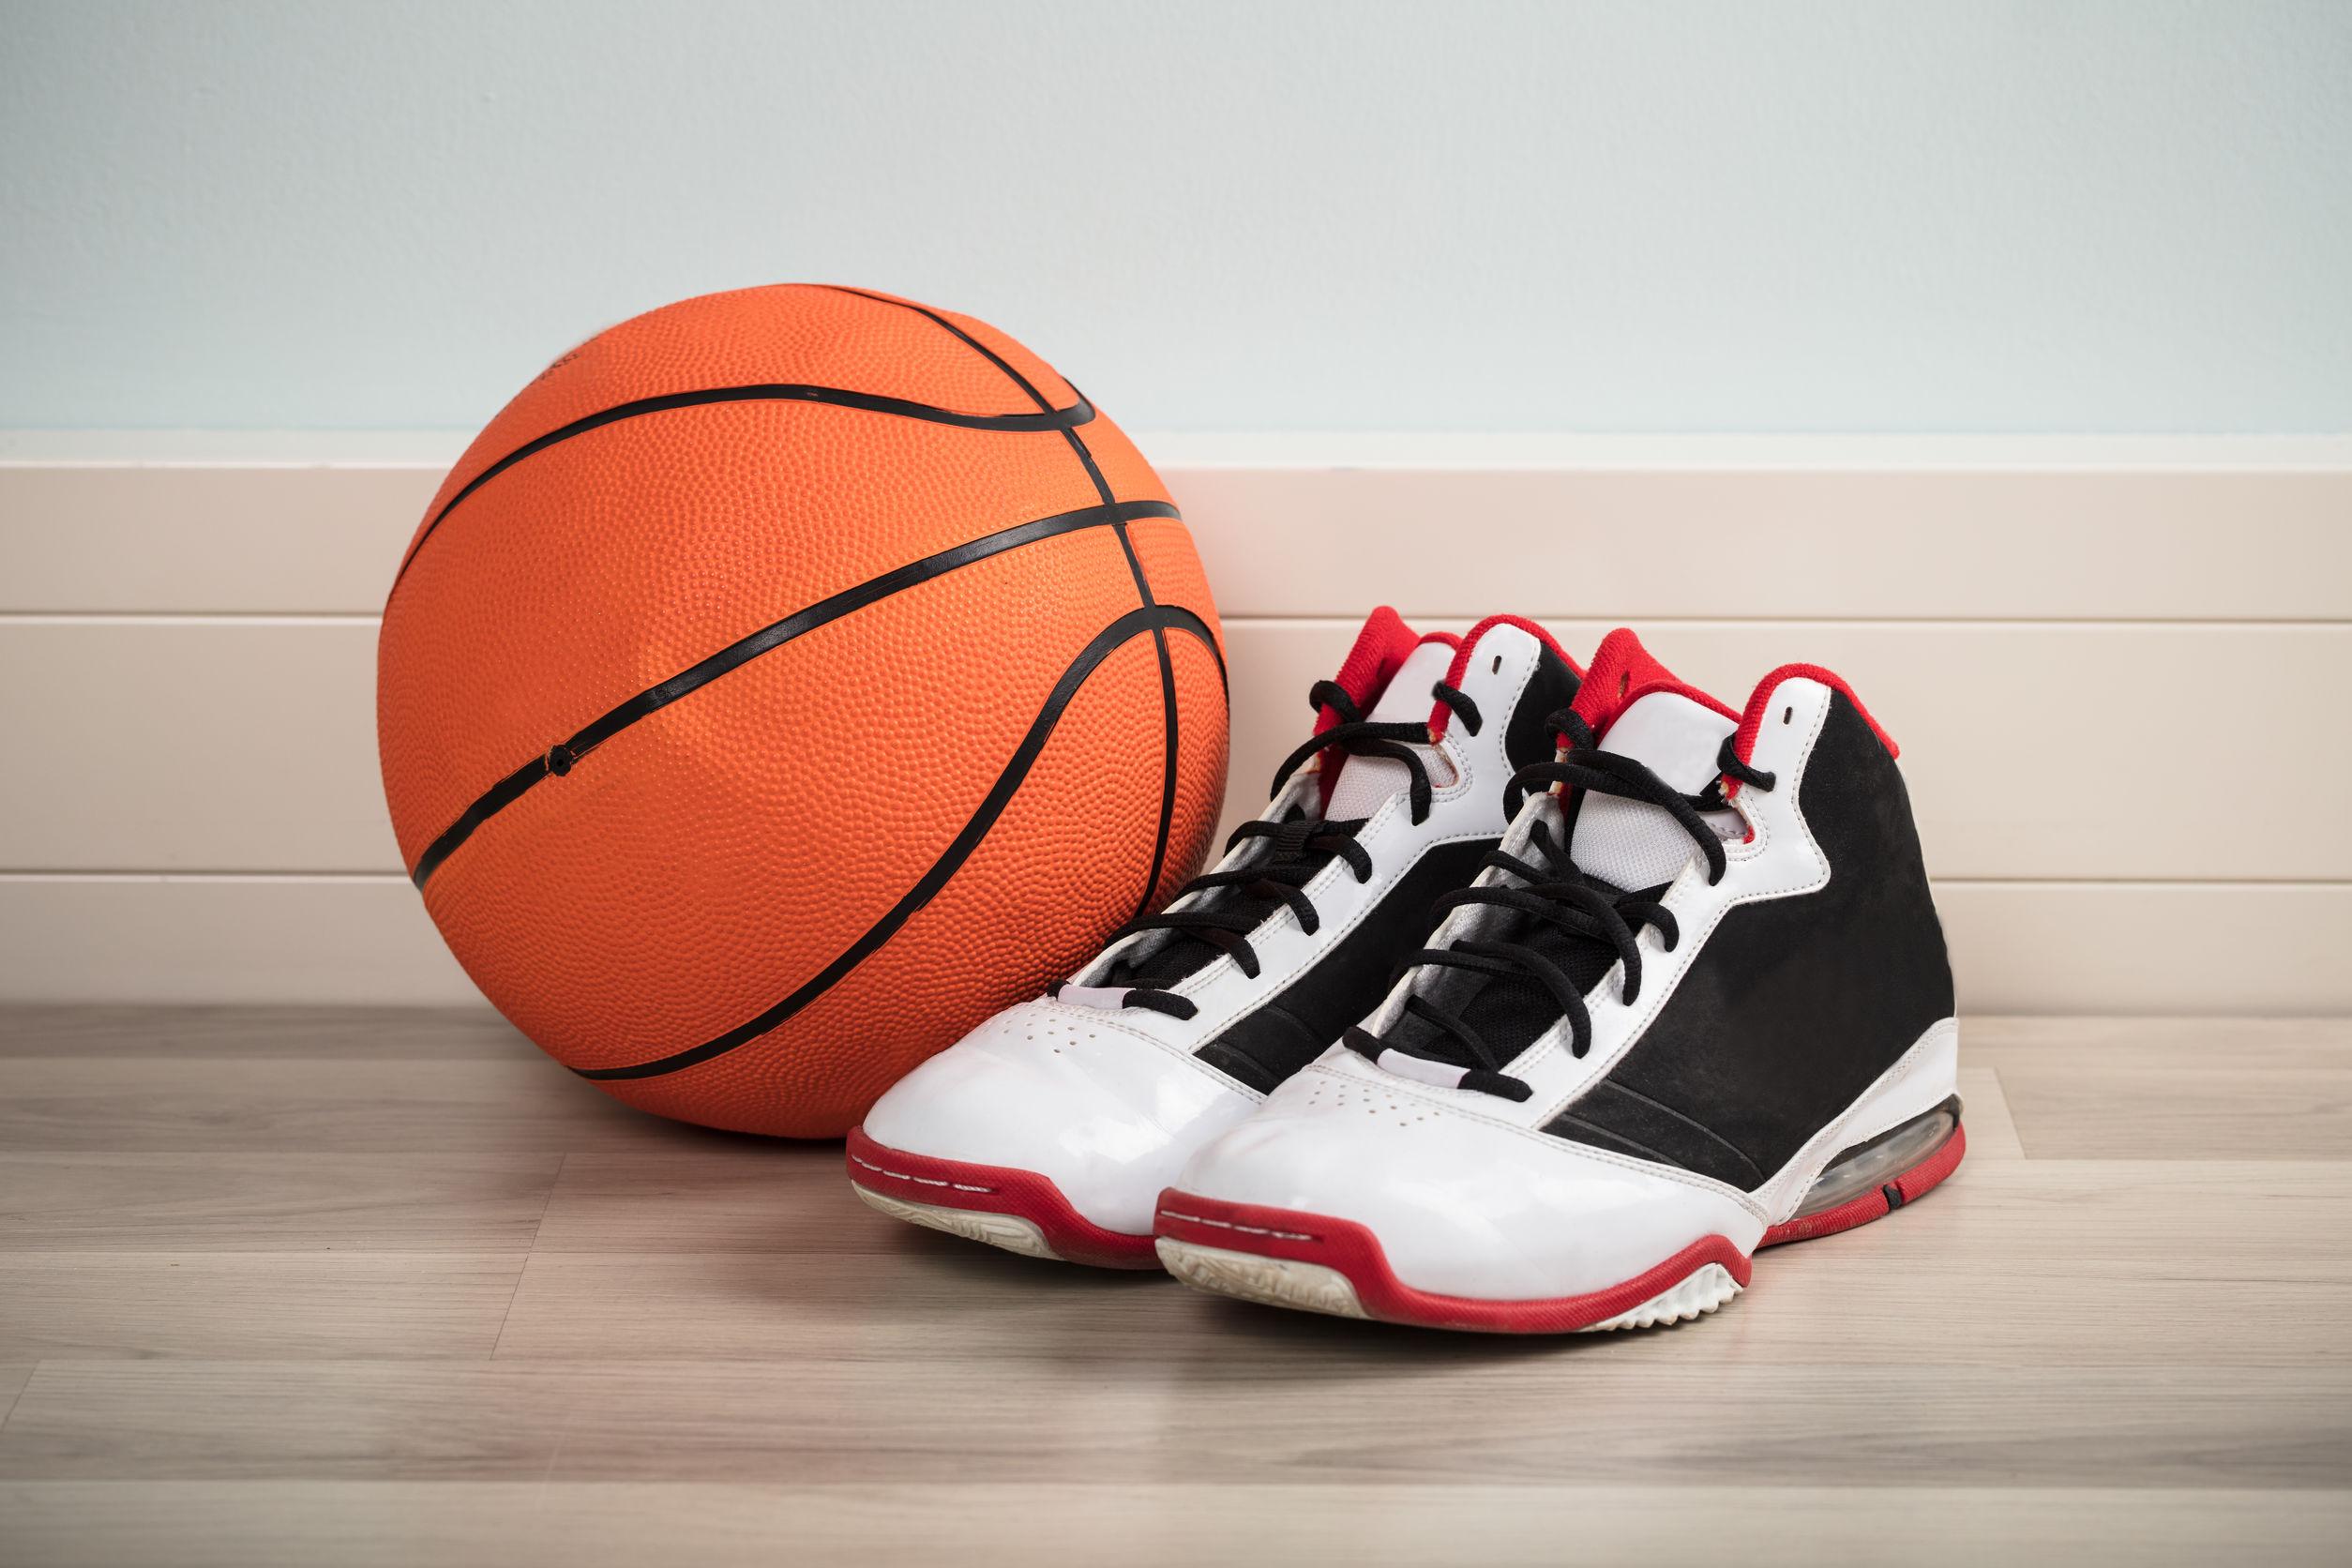 Migliori scarpe da basket 2020: Guida all'acquisto